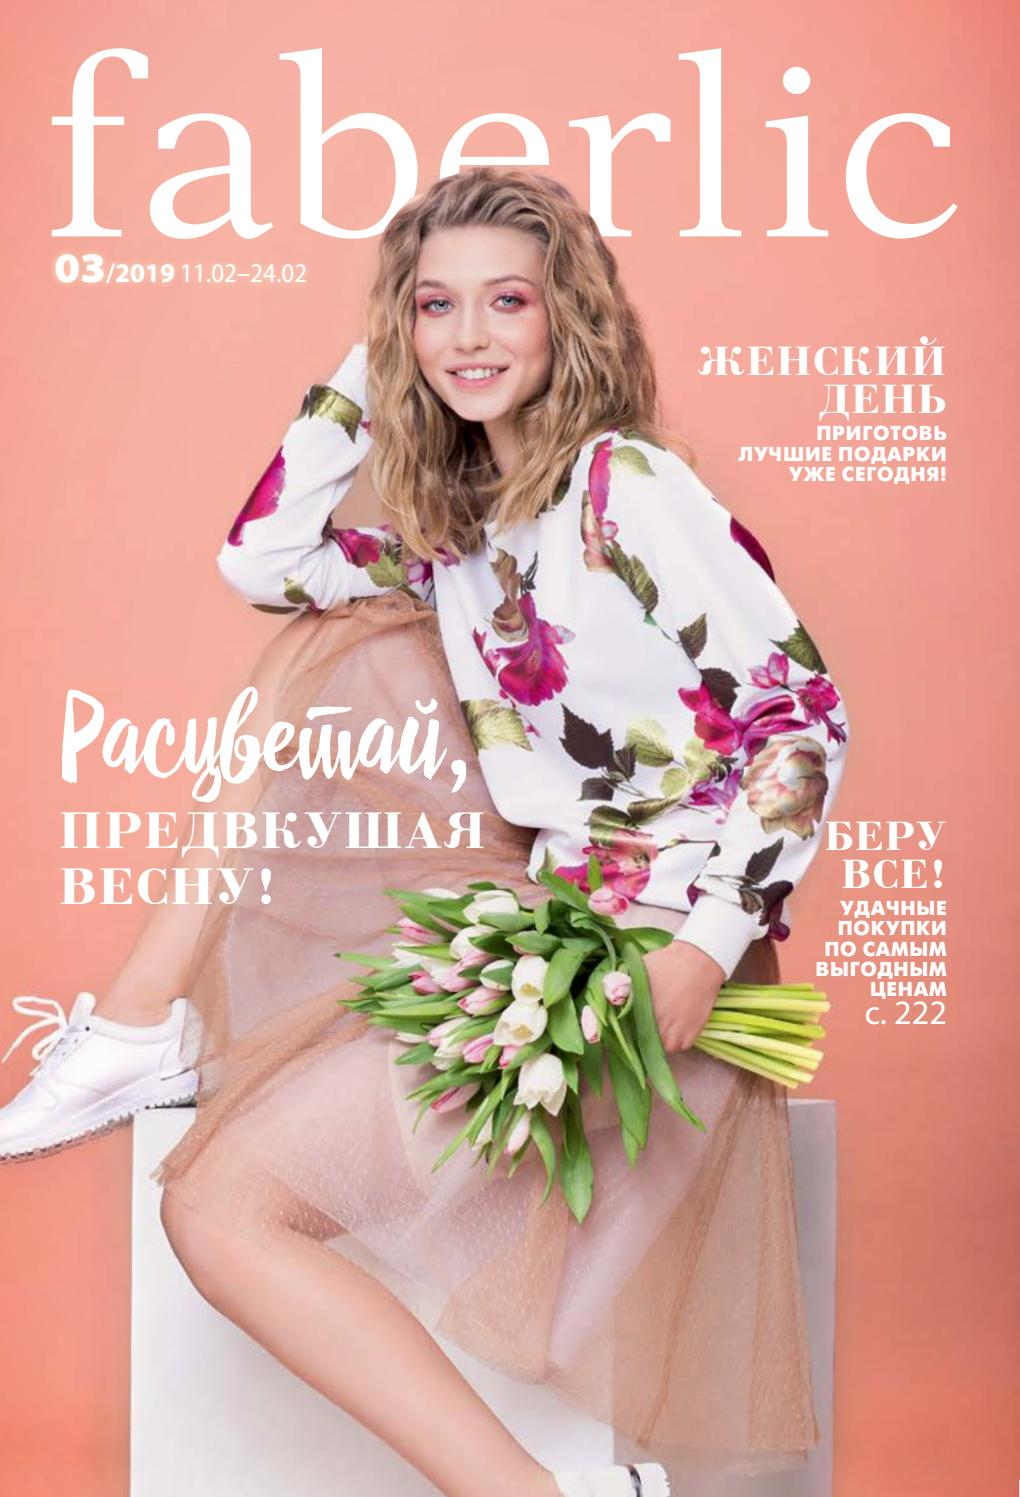 45ab7d96aa08aad FABERLIC КАТАЛОГ №3/2019 by Faberlic Latvija - issuu